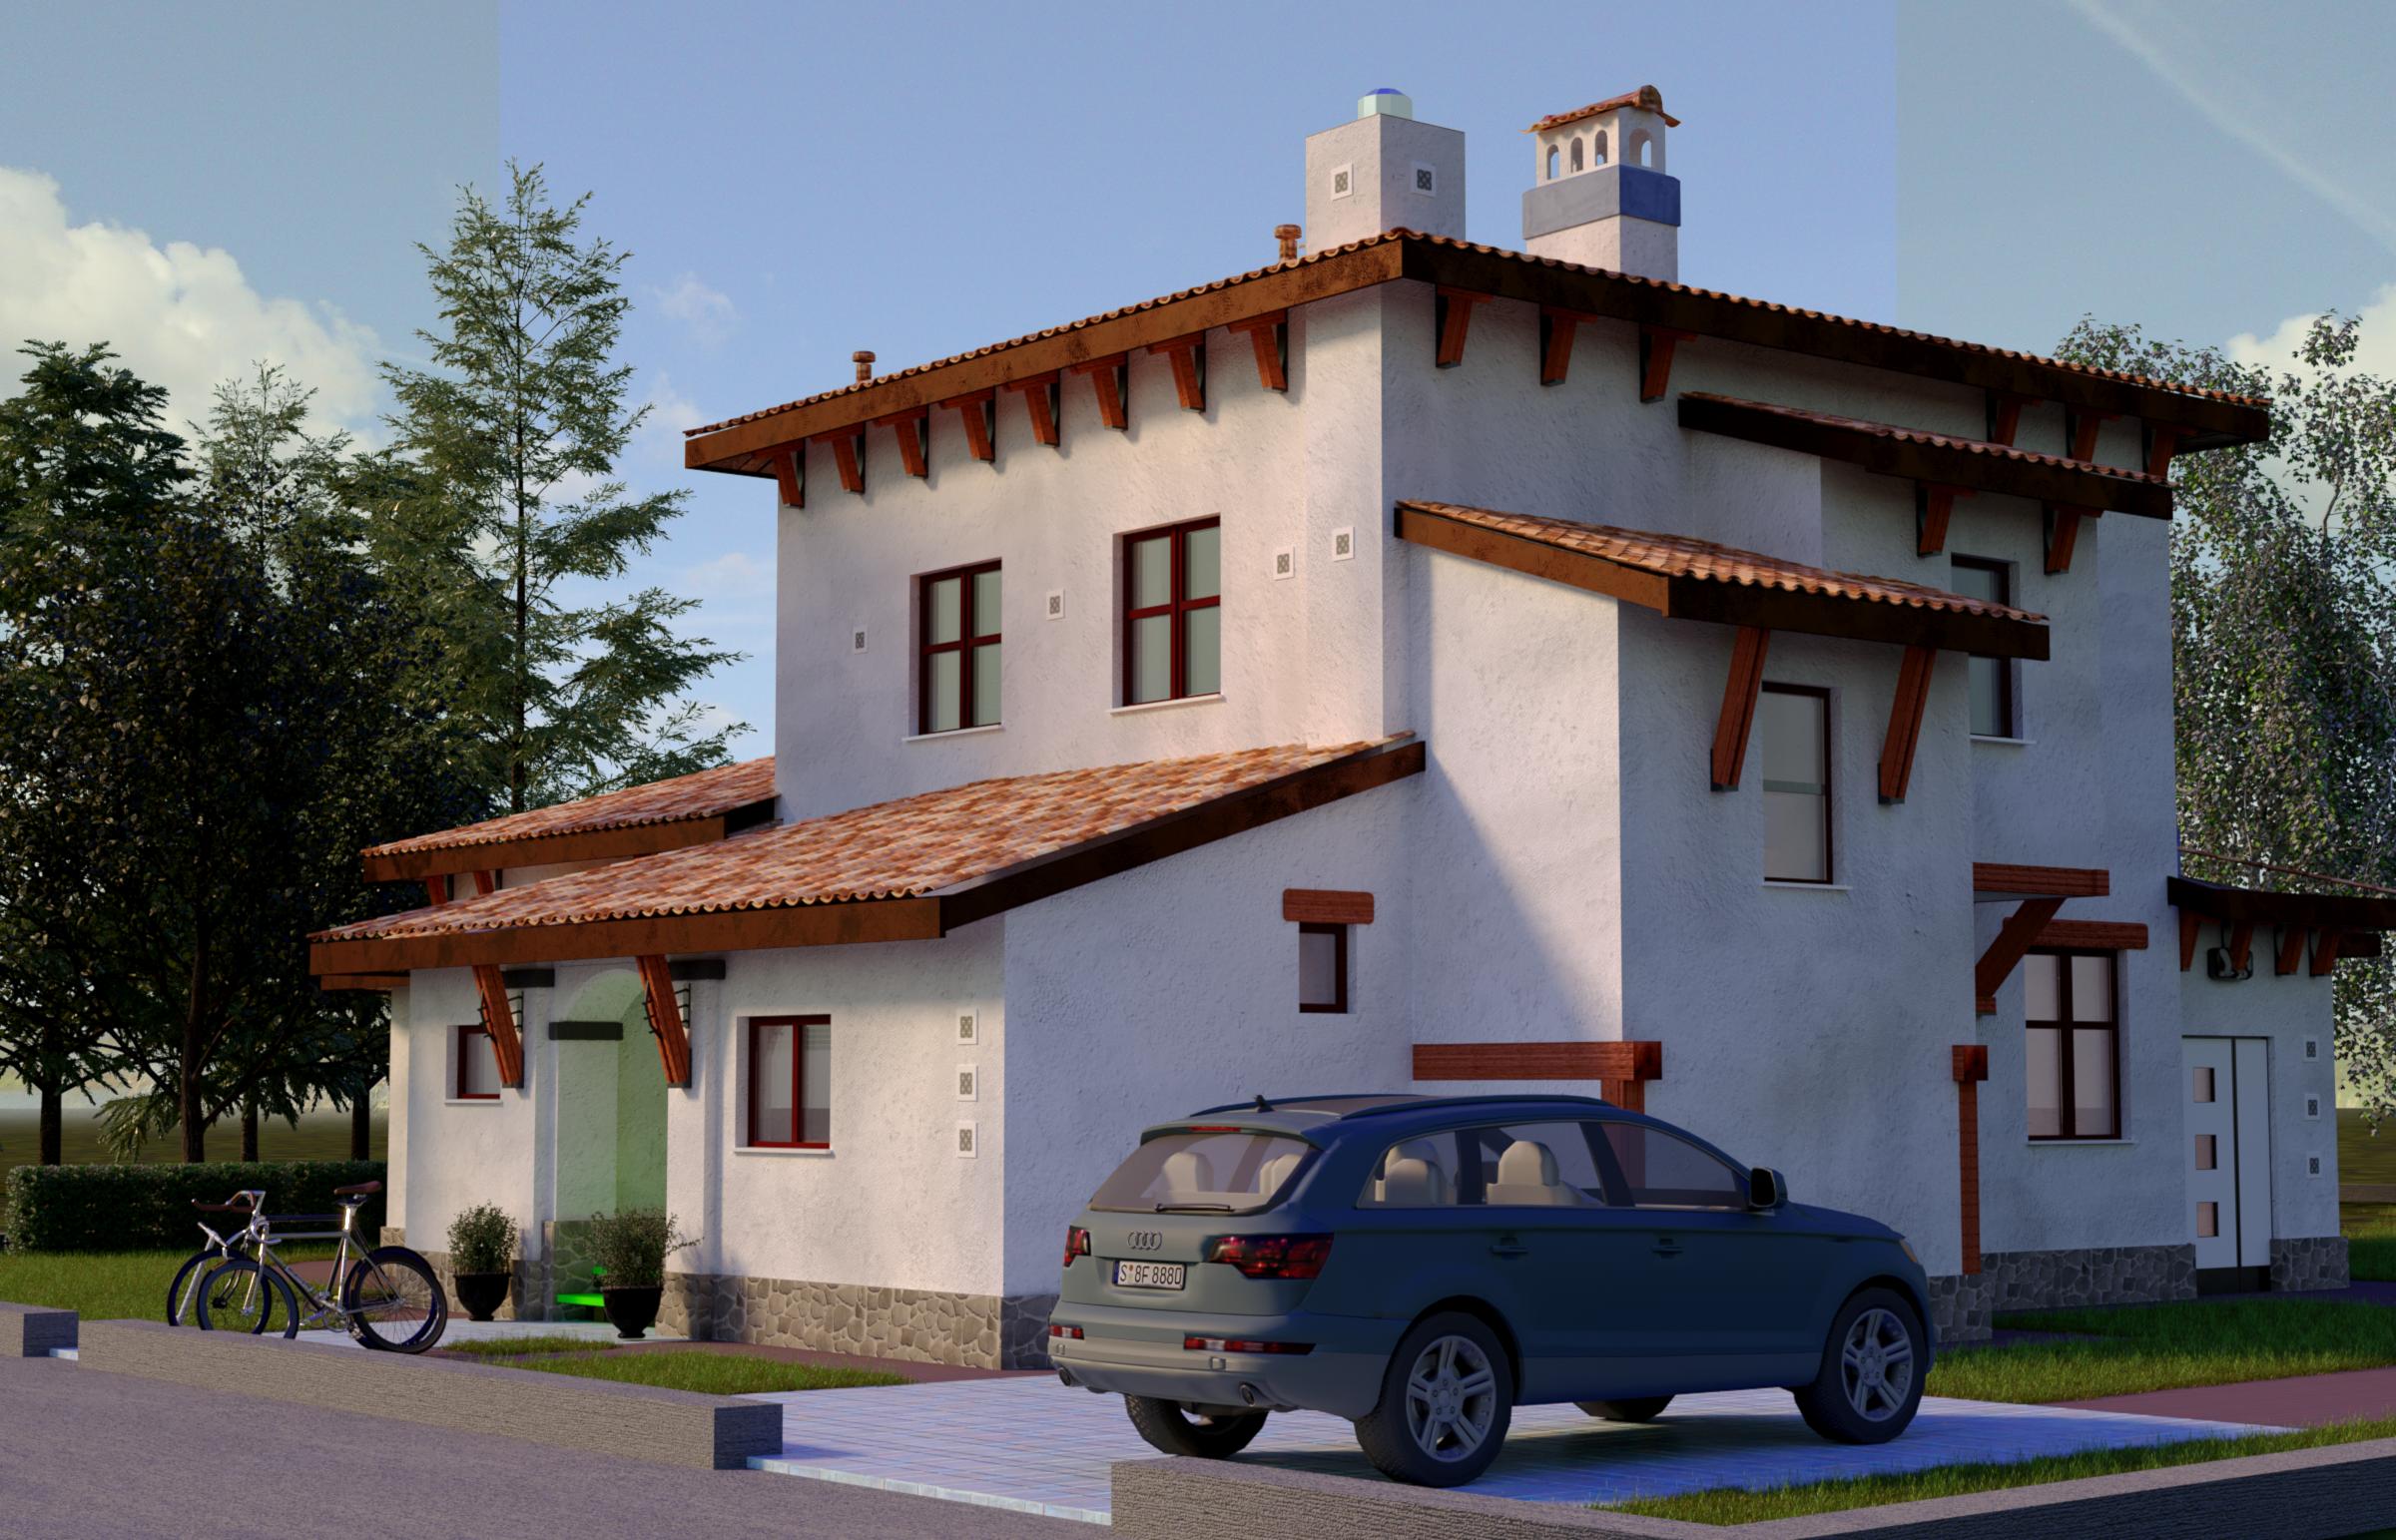 Проект будинку в Середземноморському стилі з терасами панорамними вікнами, вид 1